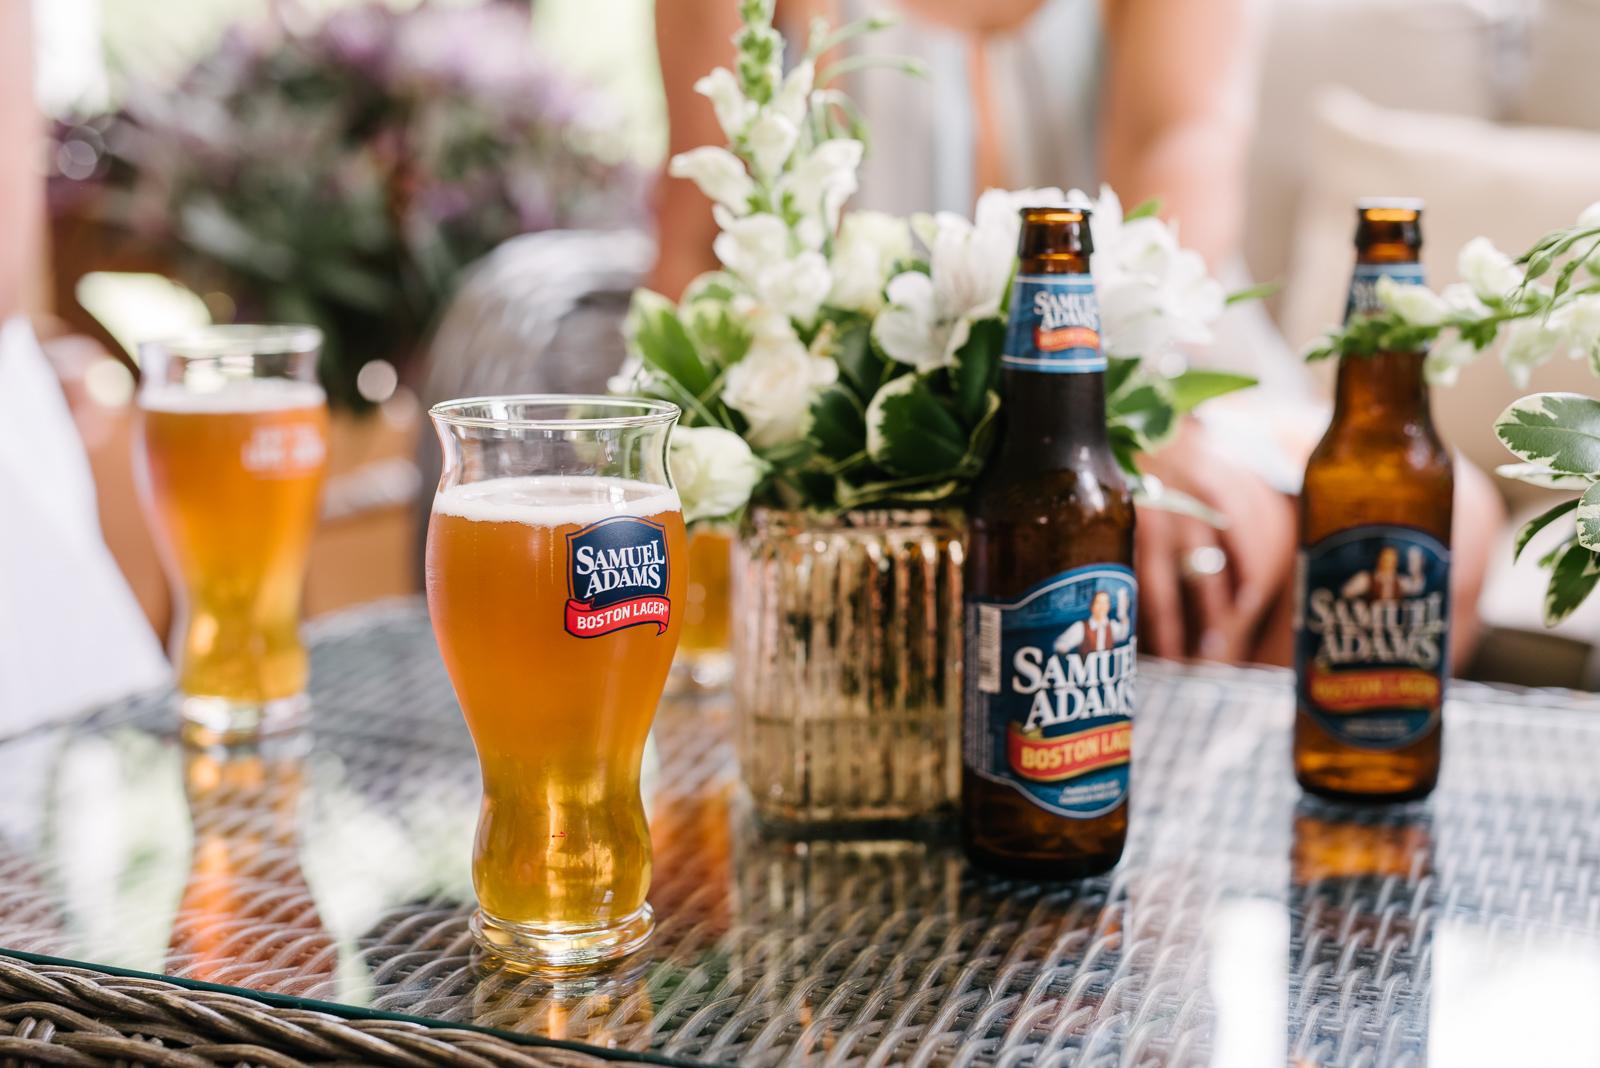 Samuel Adams boston Lager in bottles and glasses